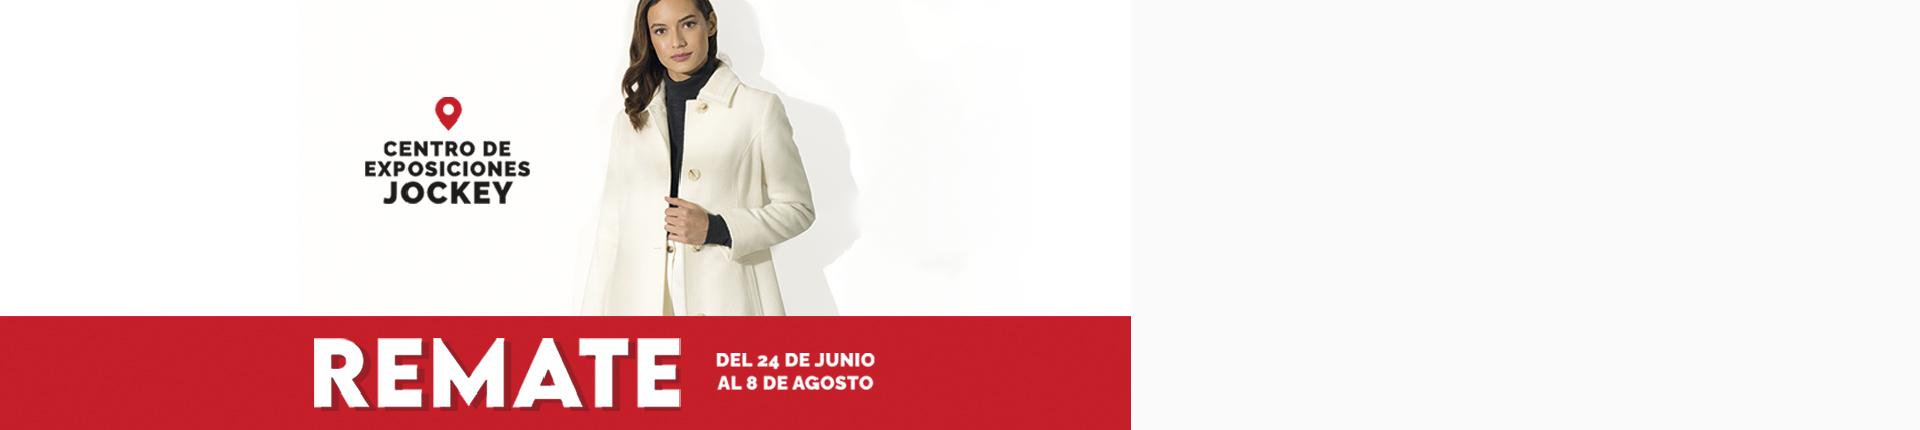 REMATE INCALPACA - Club El Comercio Perú.